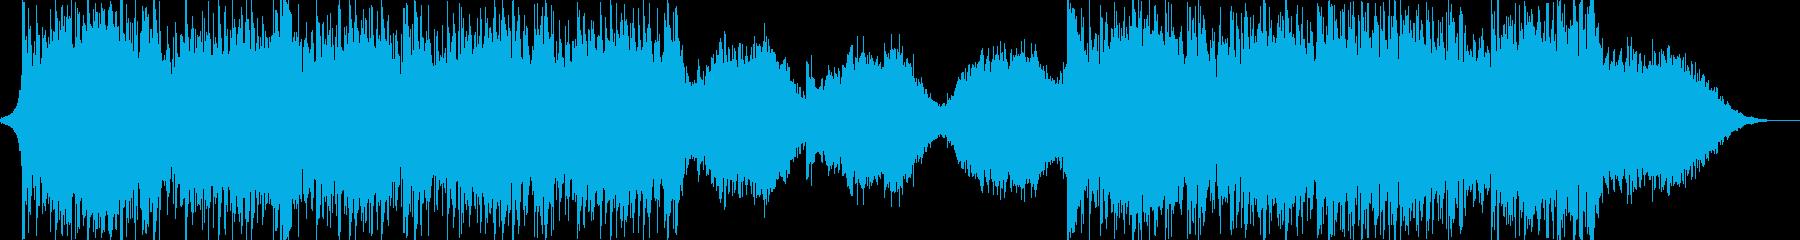 ハリウッド風トレイラー リズム主体05の再生済みの波形